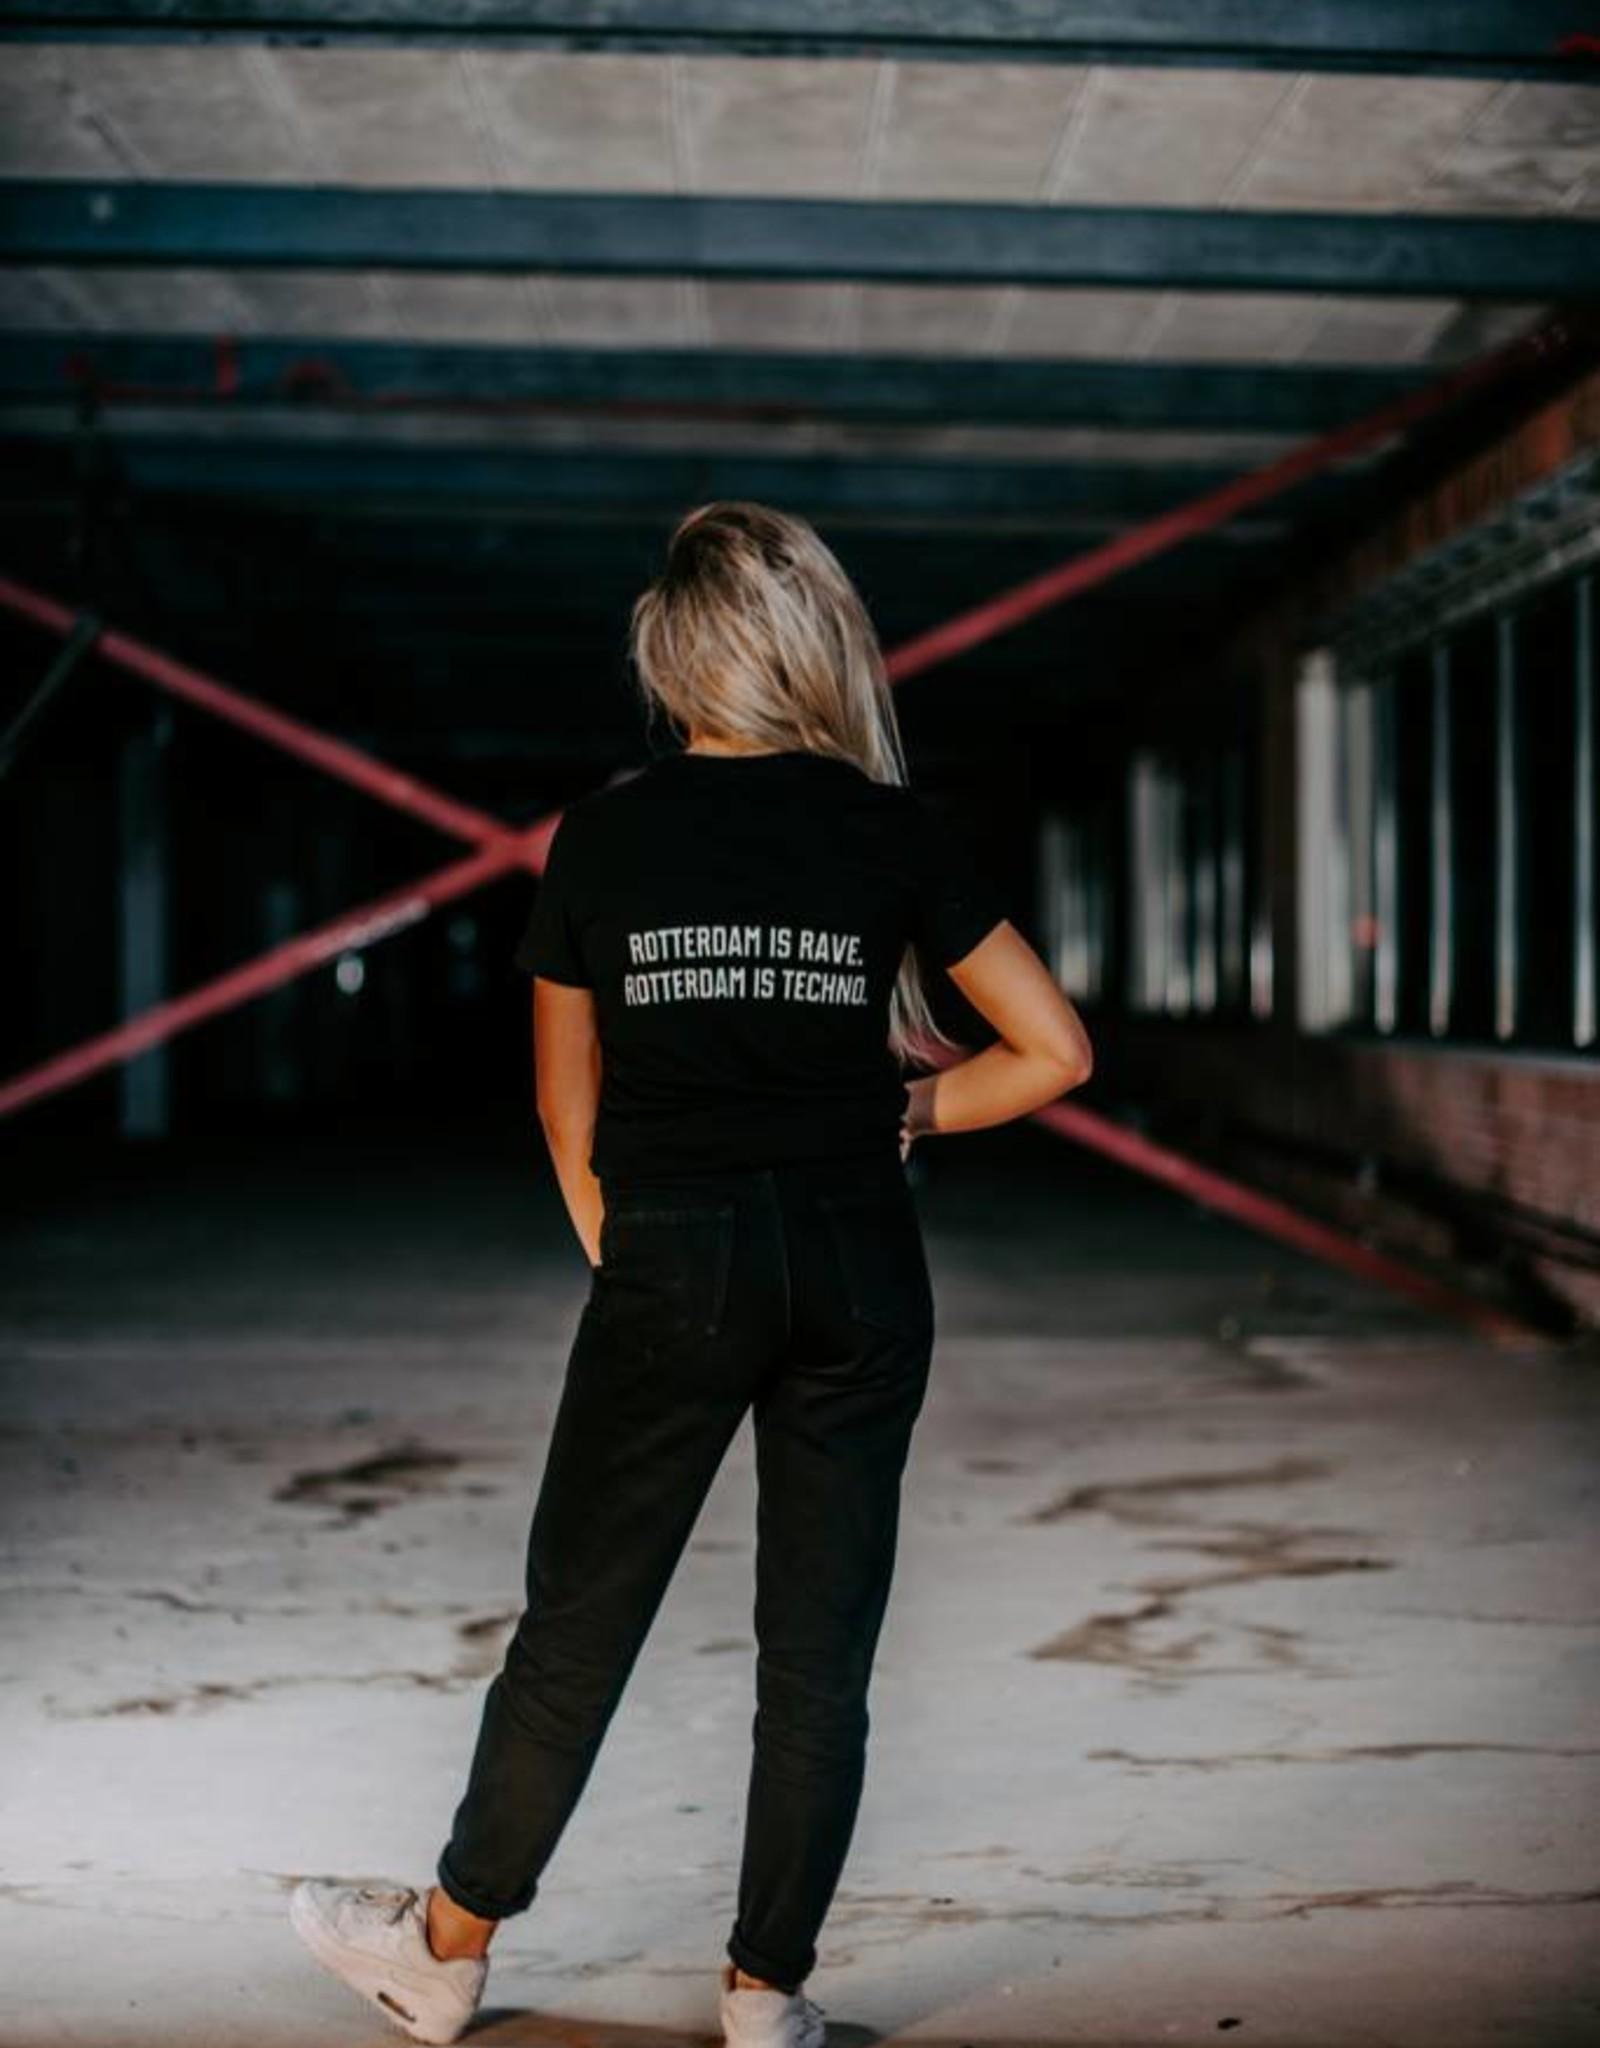 Rotterdam Rave Rotterdam Rave T-shirt Slogan (Woman)